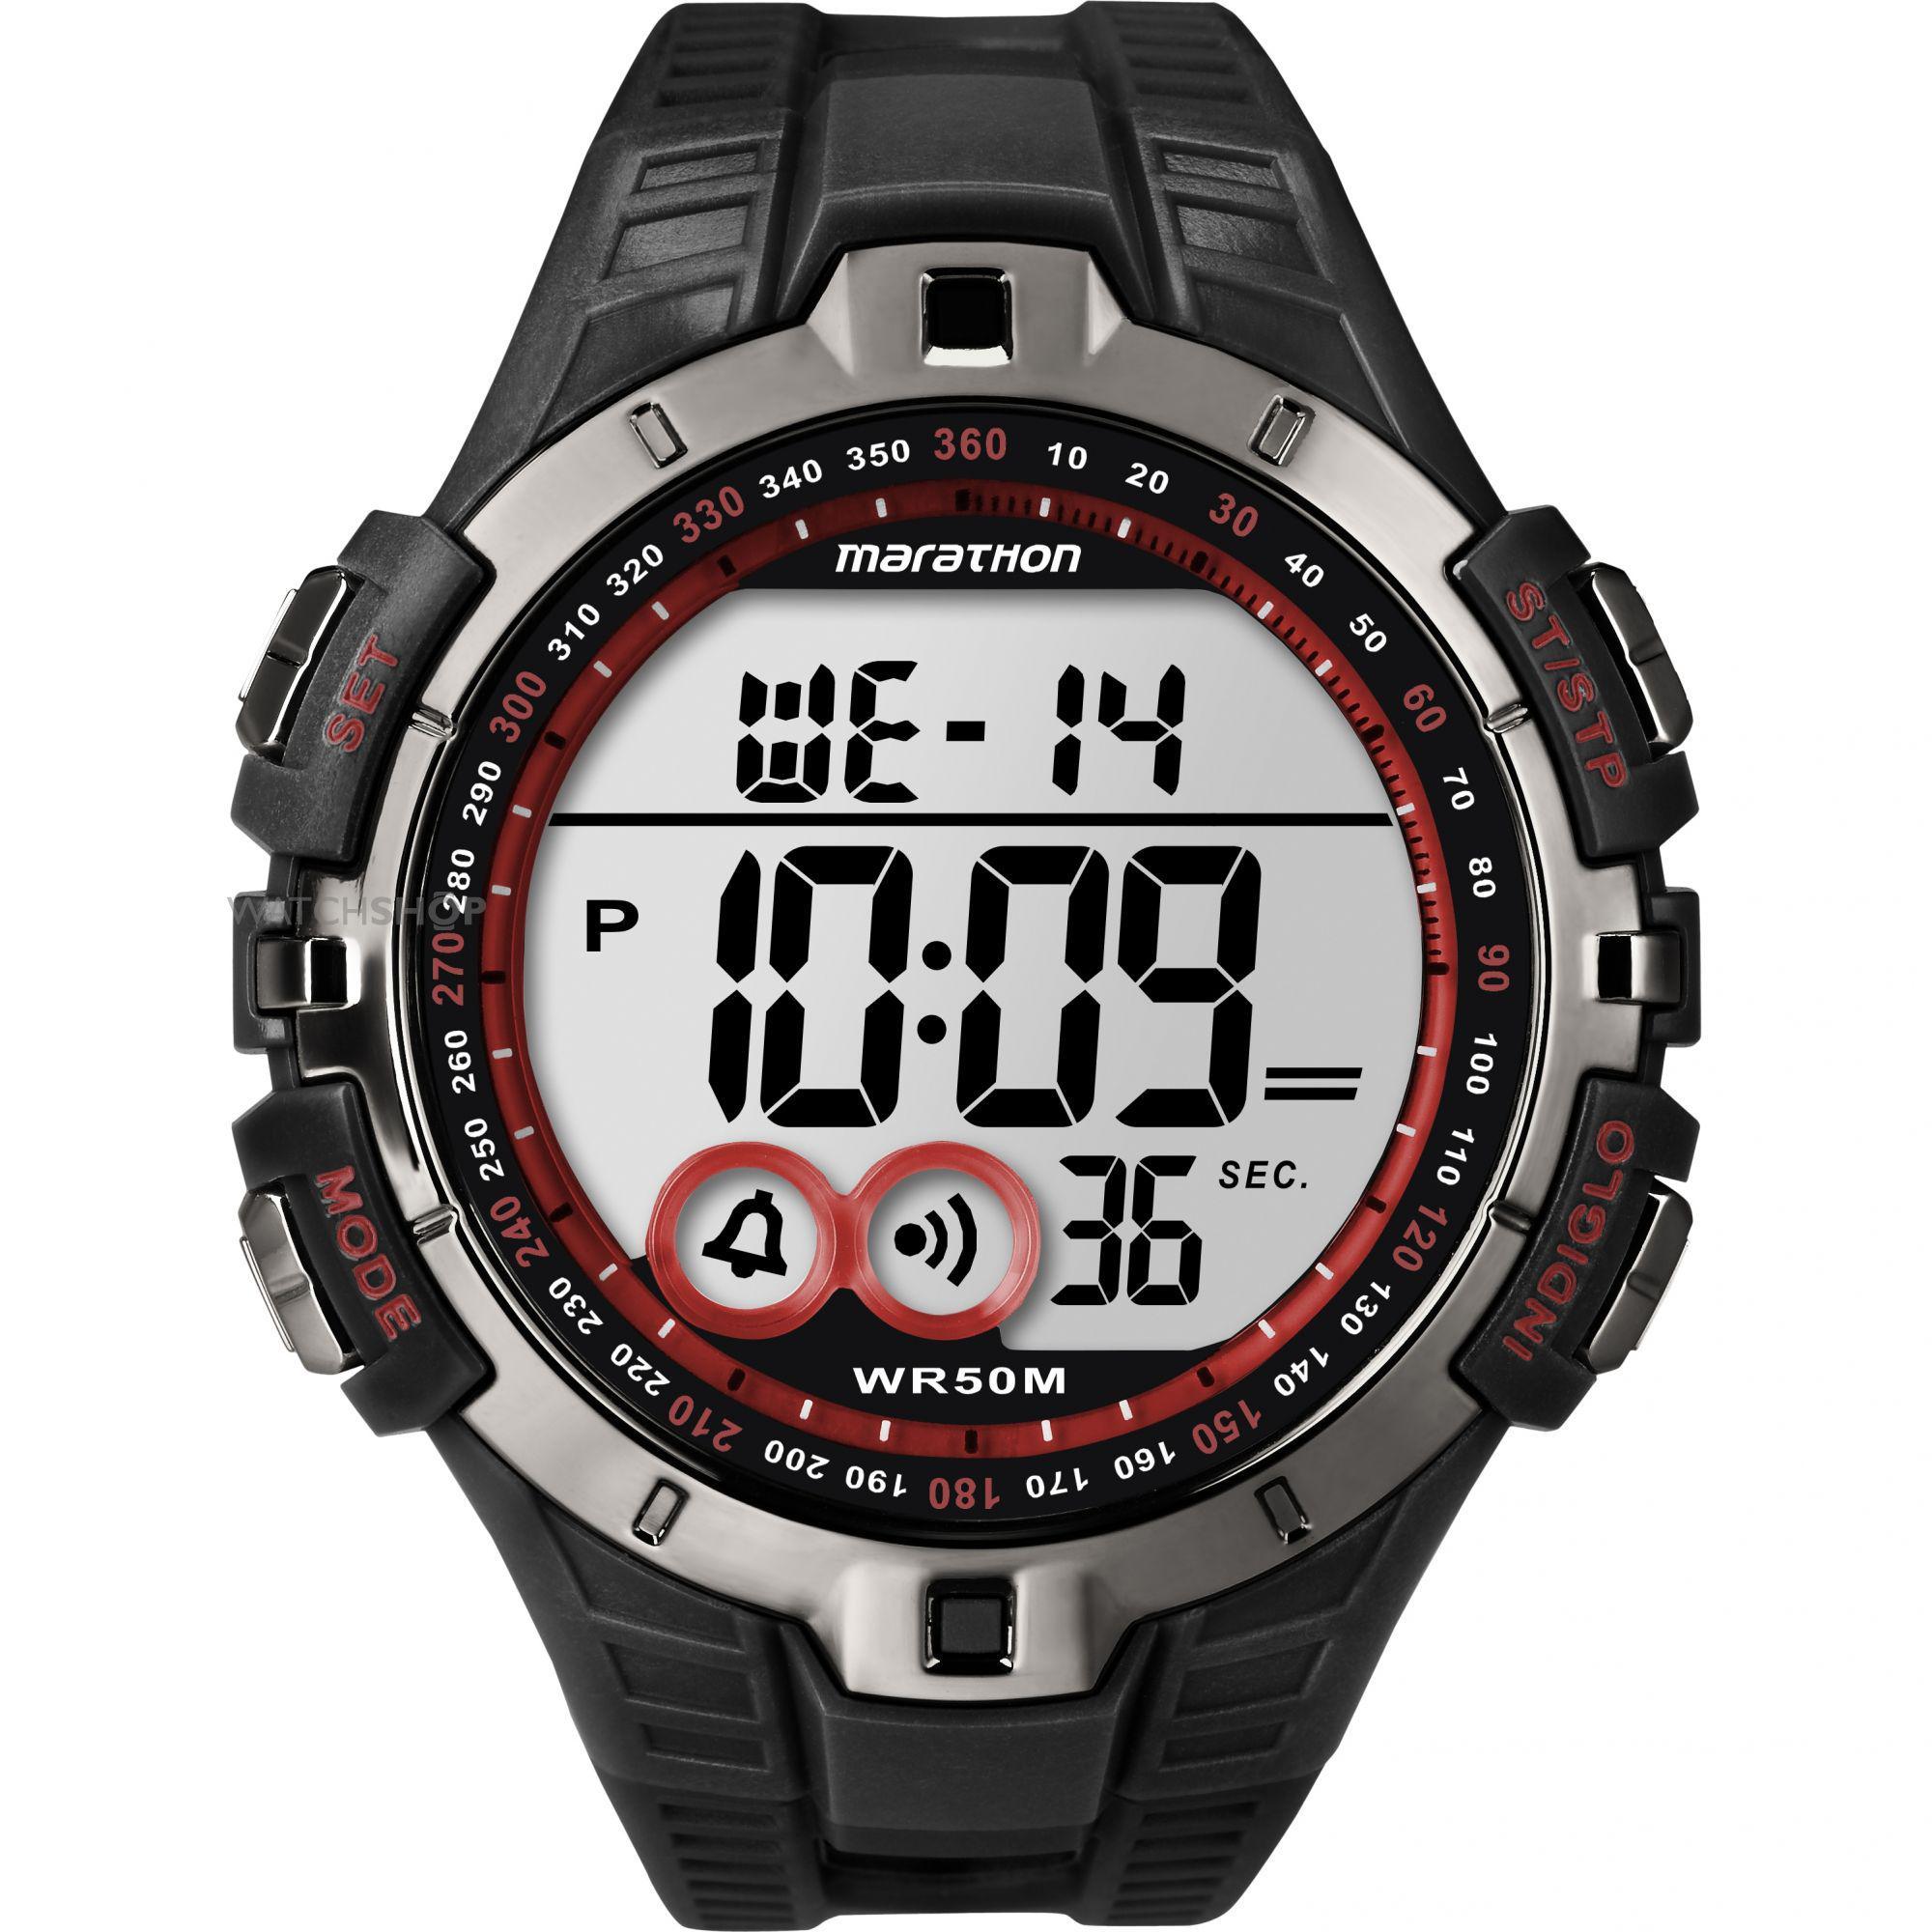 Timex Mens Marathon Watch (T5K423)